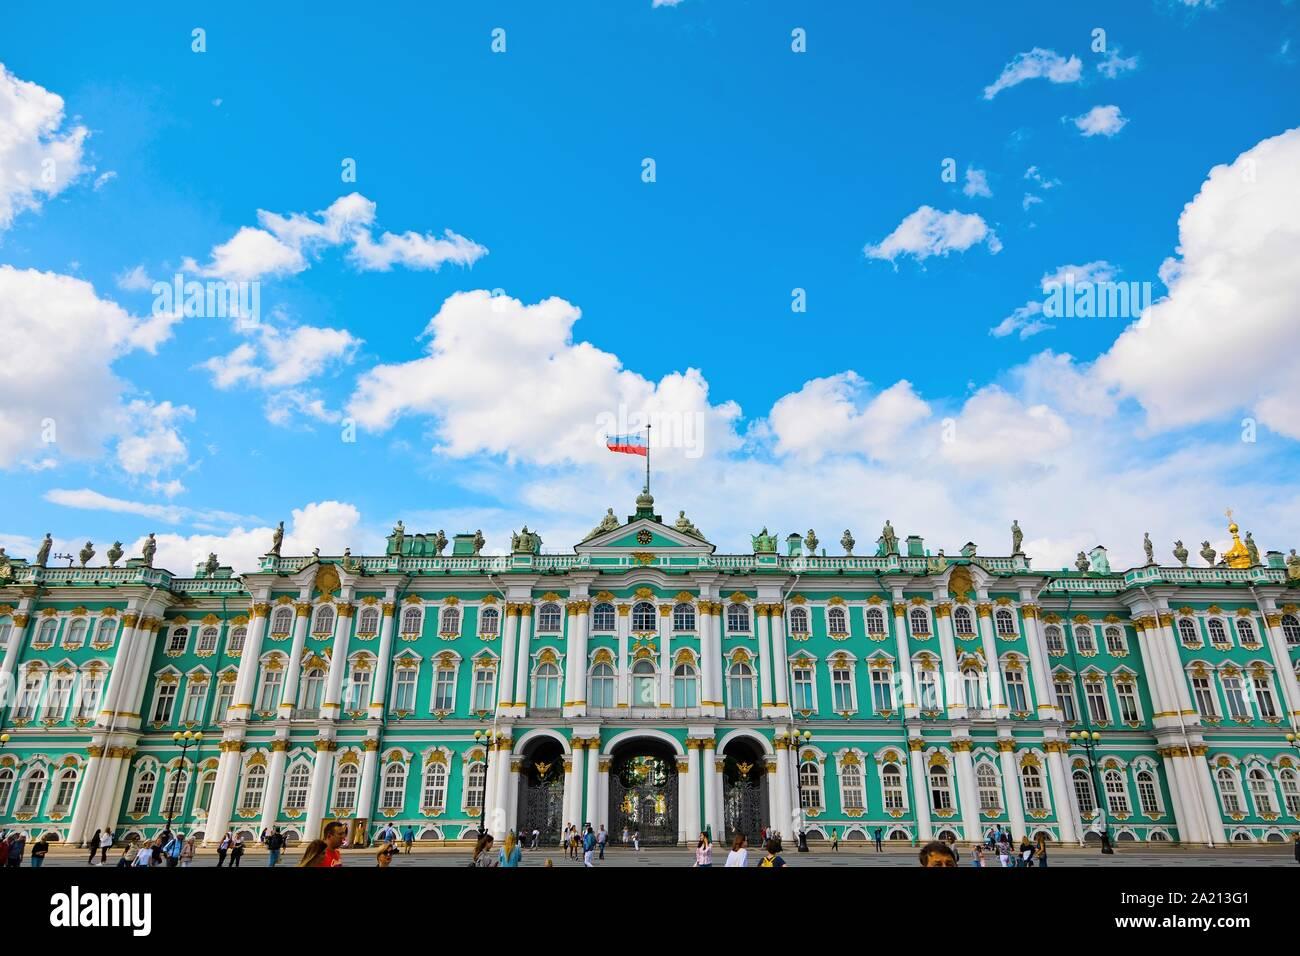 San Petersburgo, Rusia - Julio 8, 2019: Los turistas en el Museo del Hermitage en la plaza del palacio Foto de stock